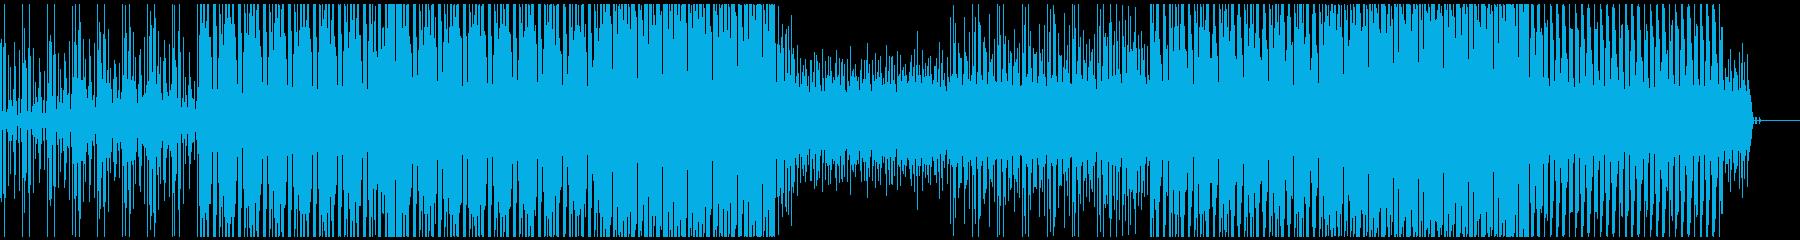 ファンキーなギターリフのテクノの再生済みの波形